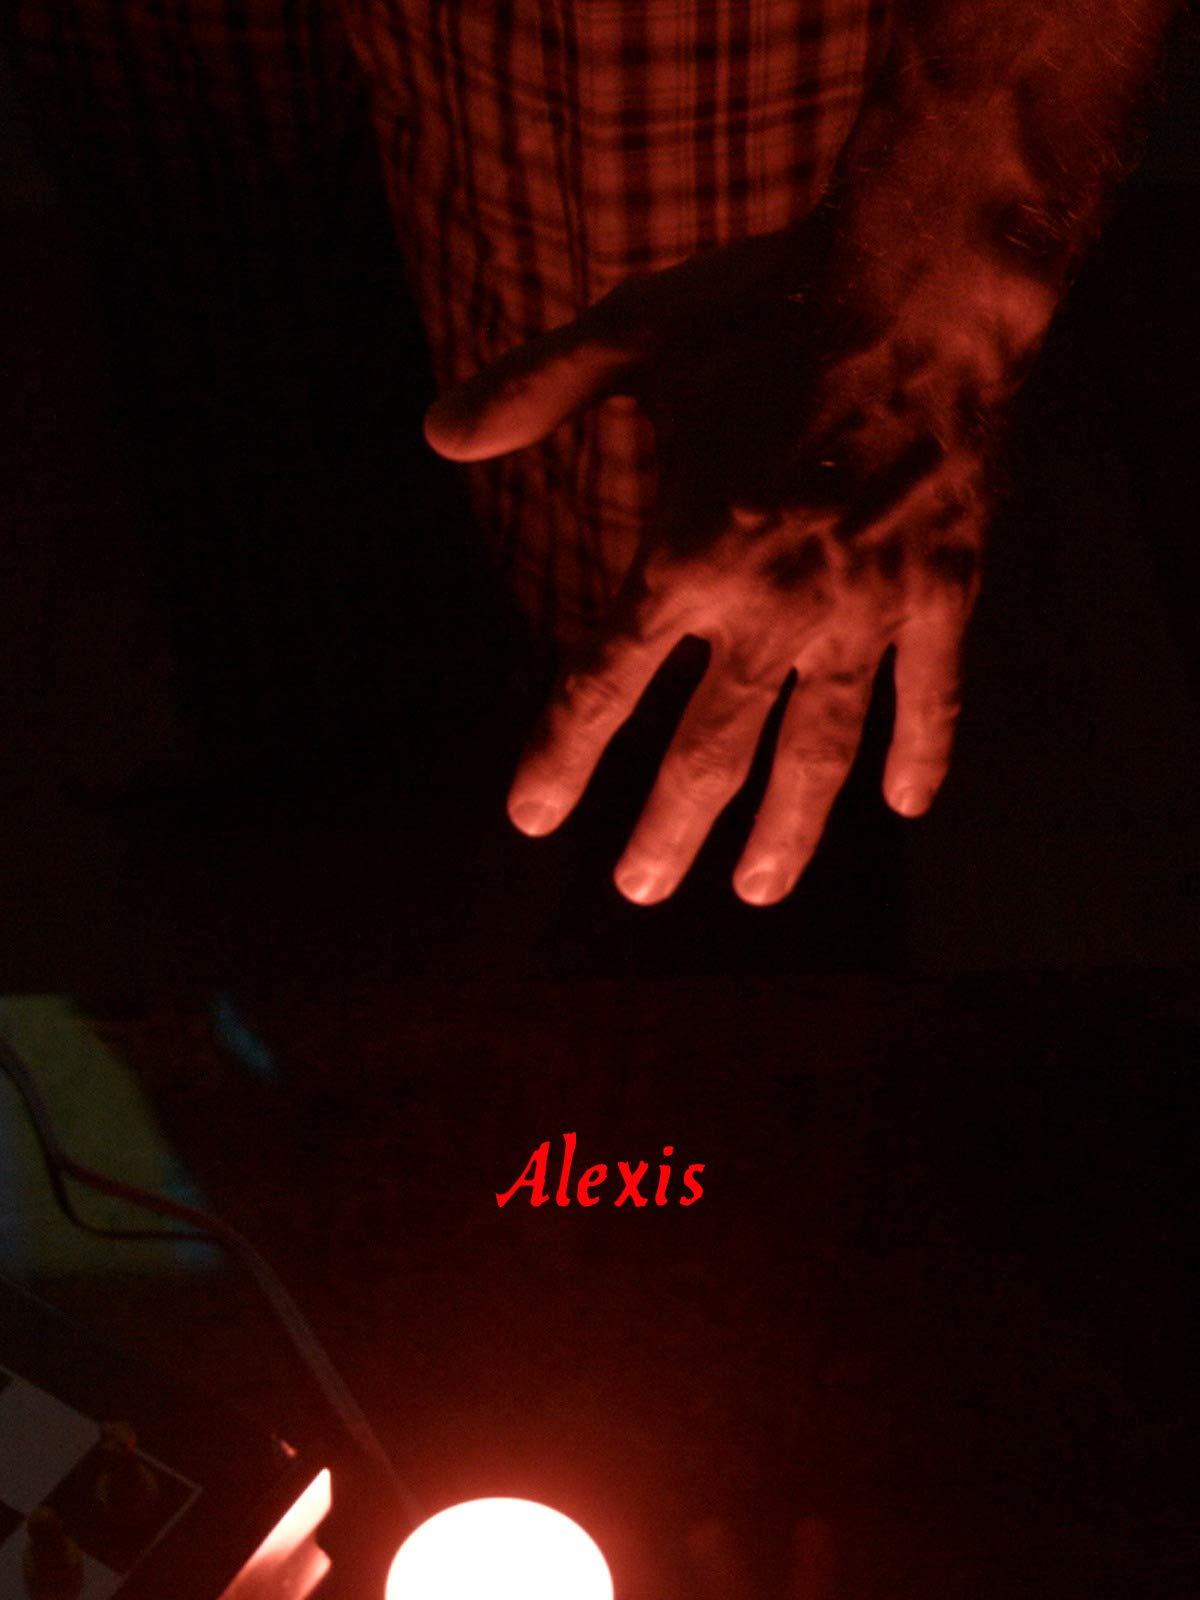 Alexis on Amazon Prime Instant Video UK